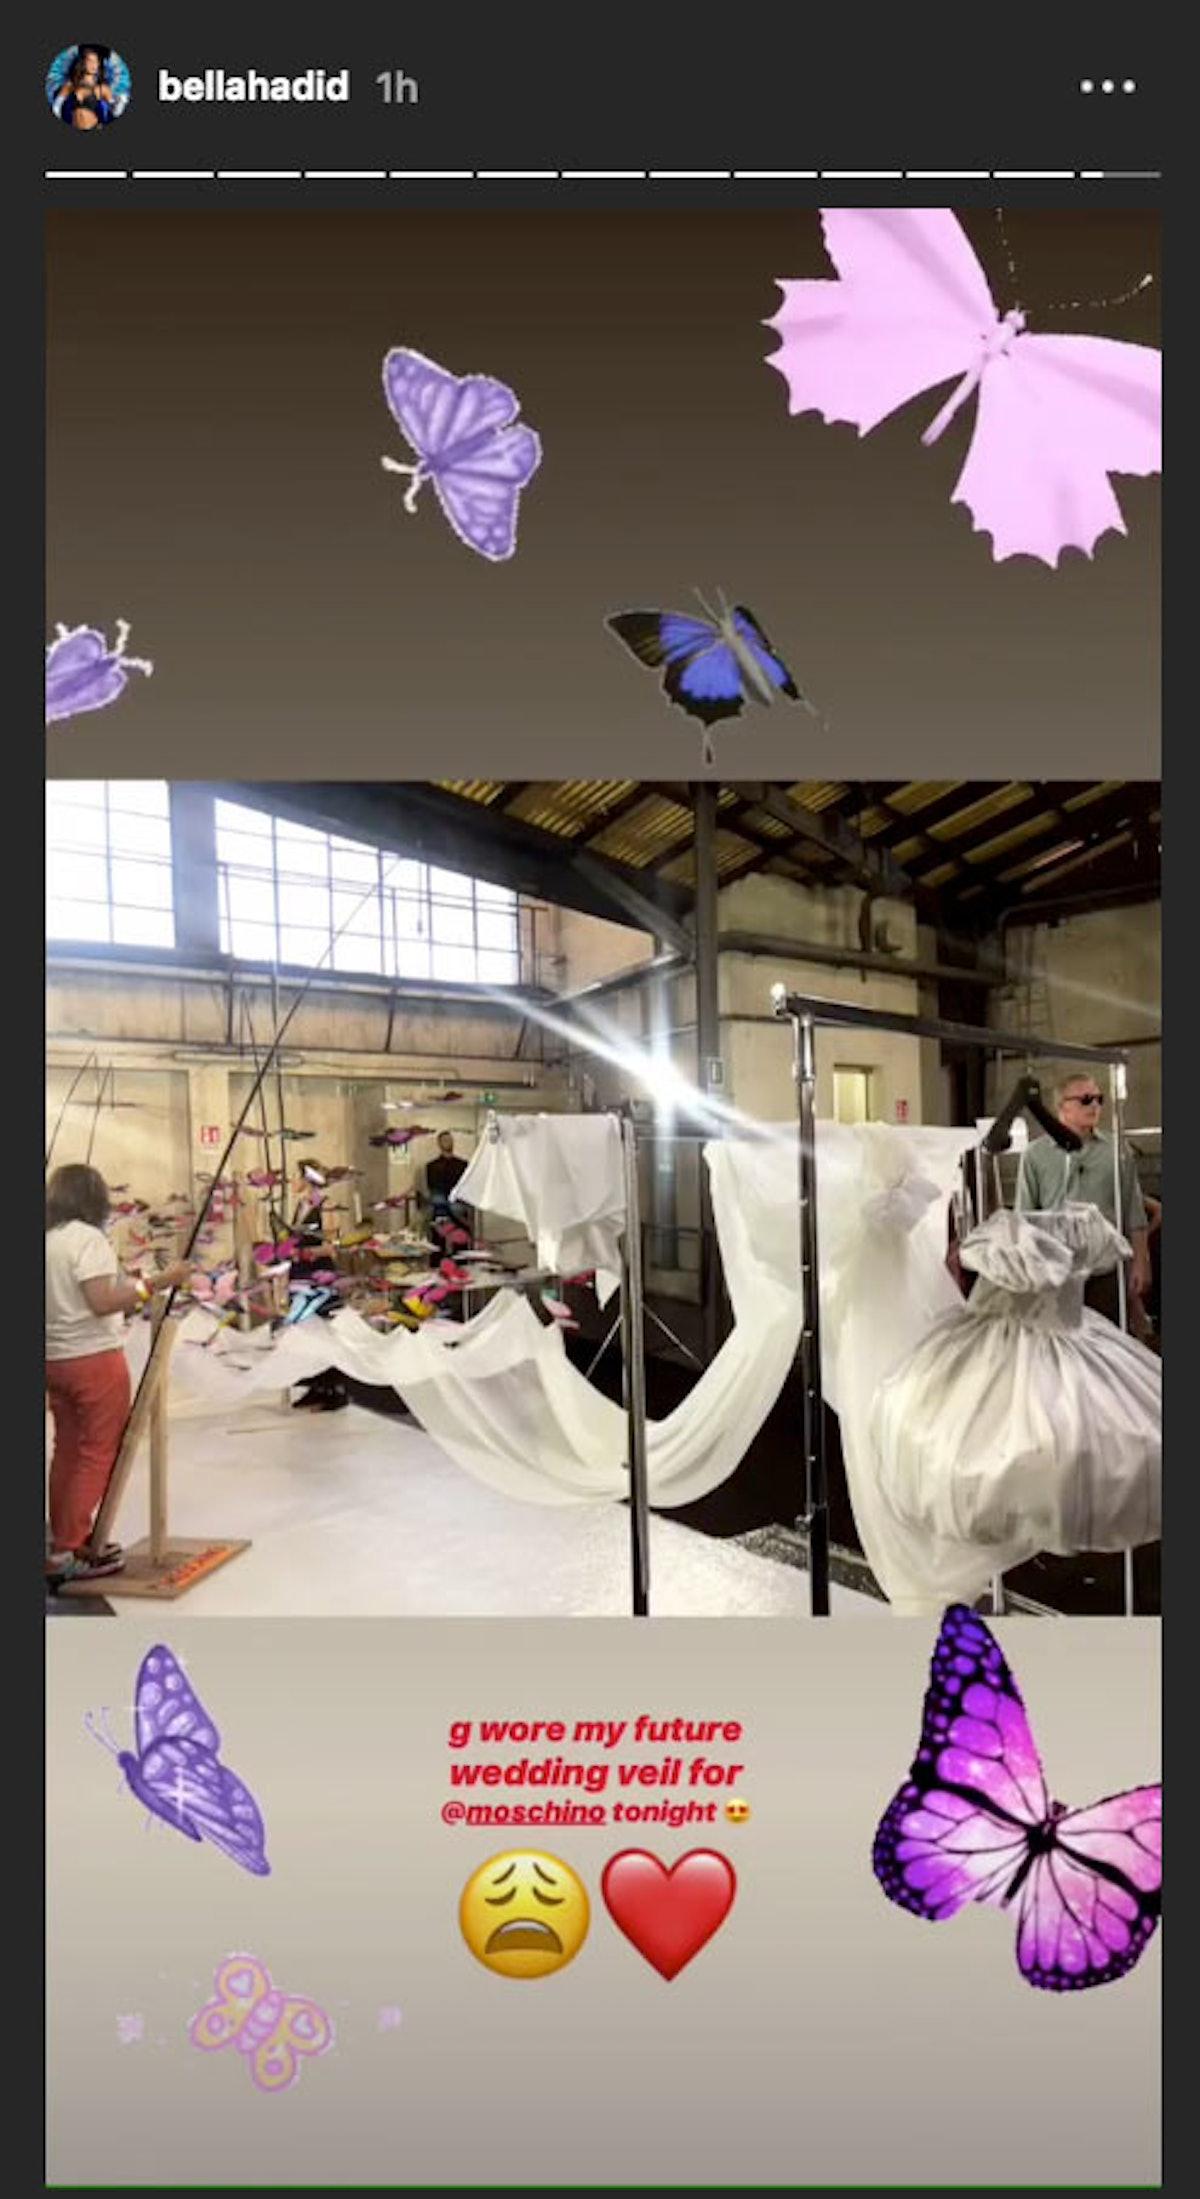 bella-hadid-wedding-veil-moschino.jpg